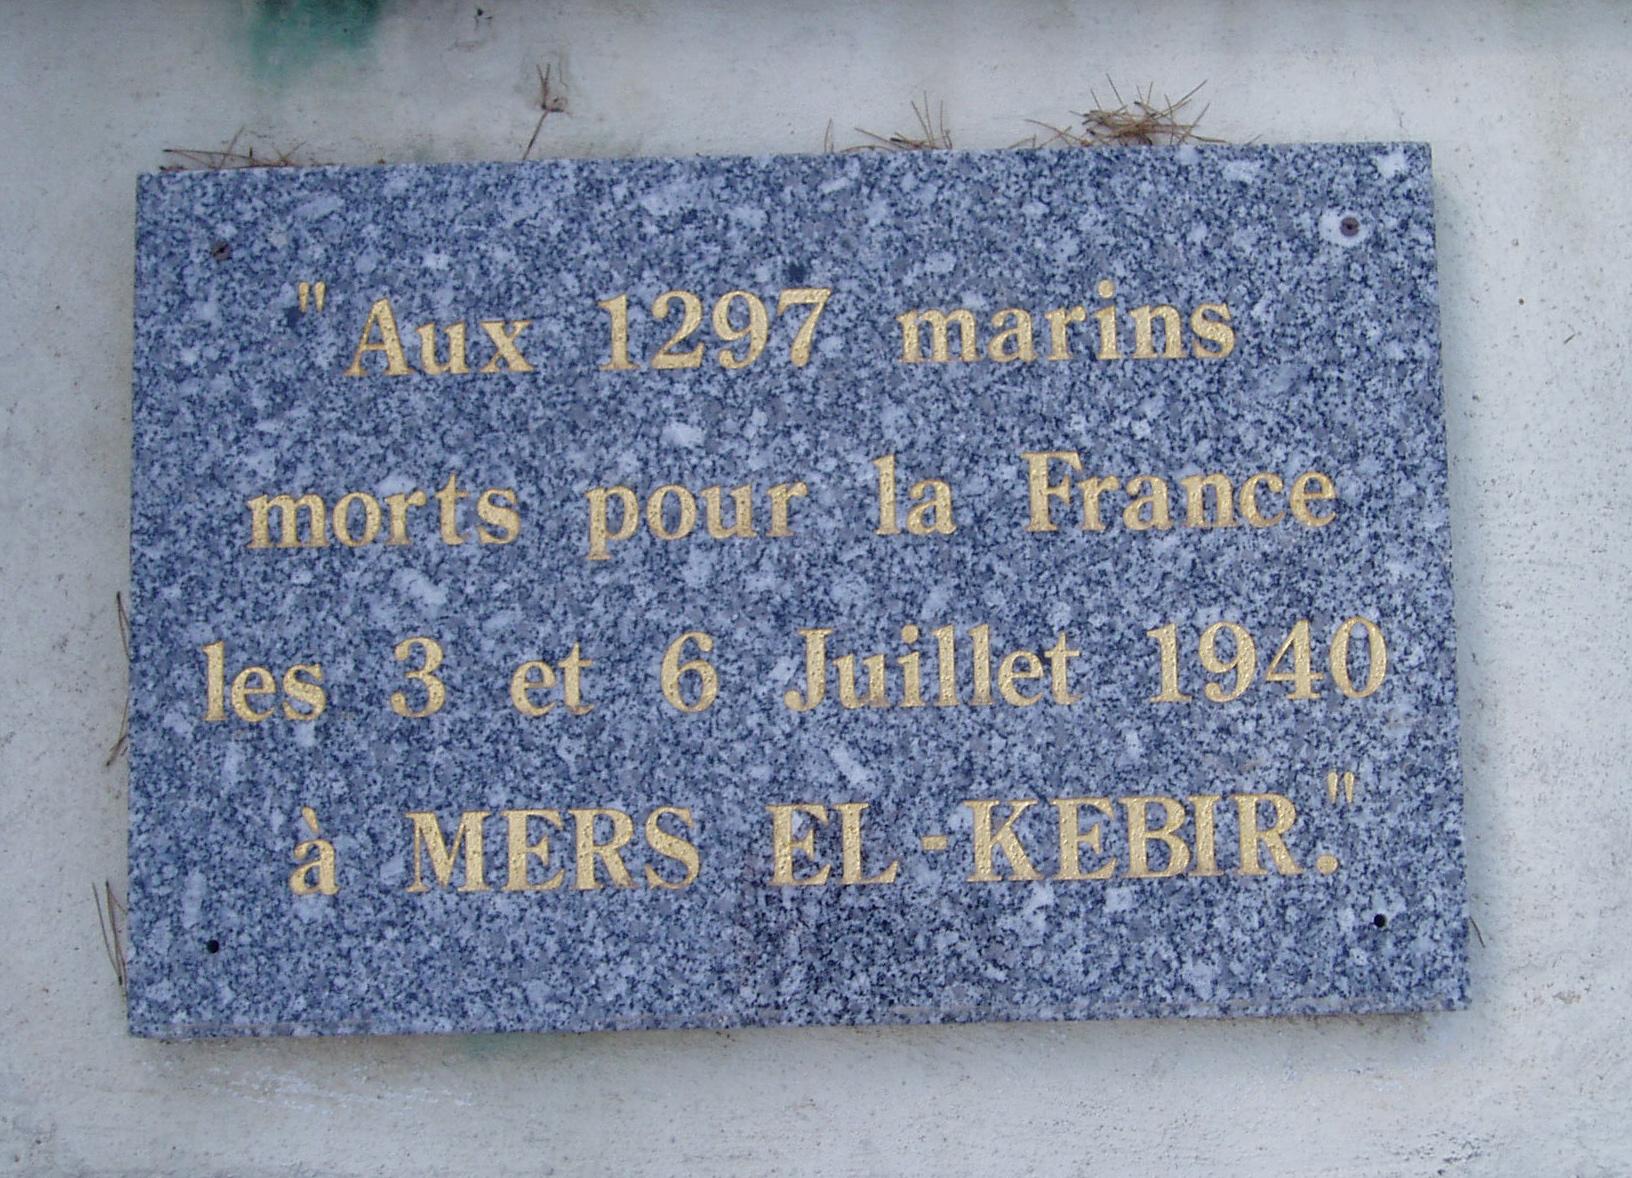 Mers_el_Kebir_Memorial_at_Toulon,_France